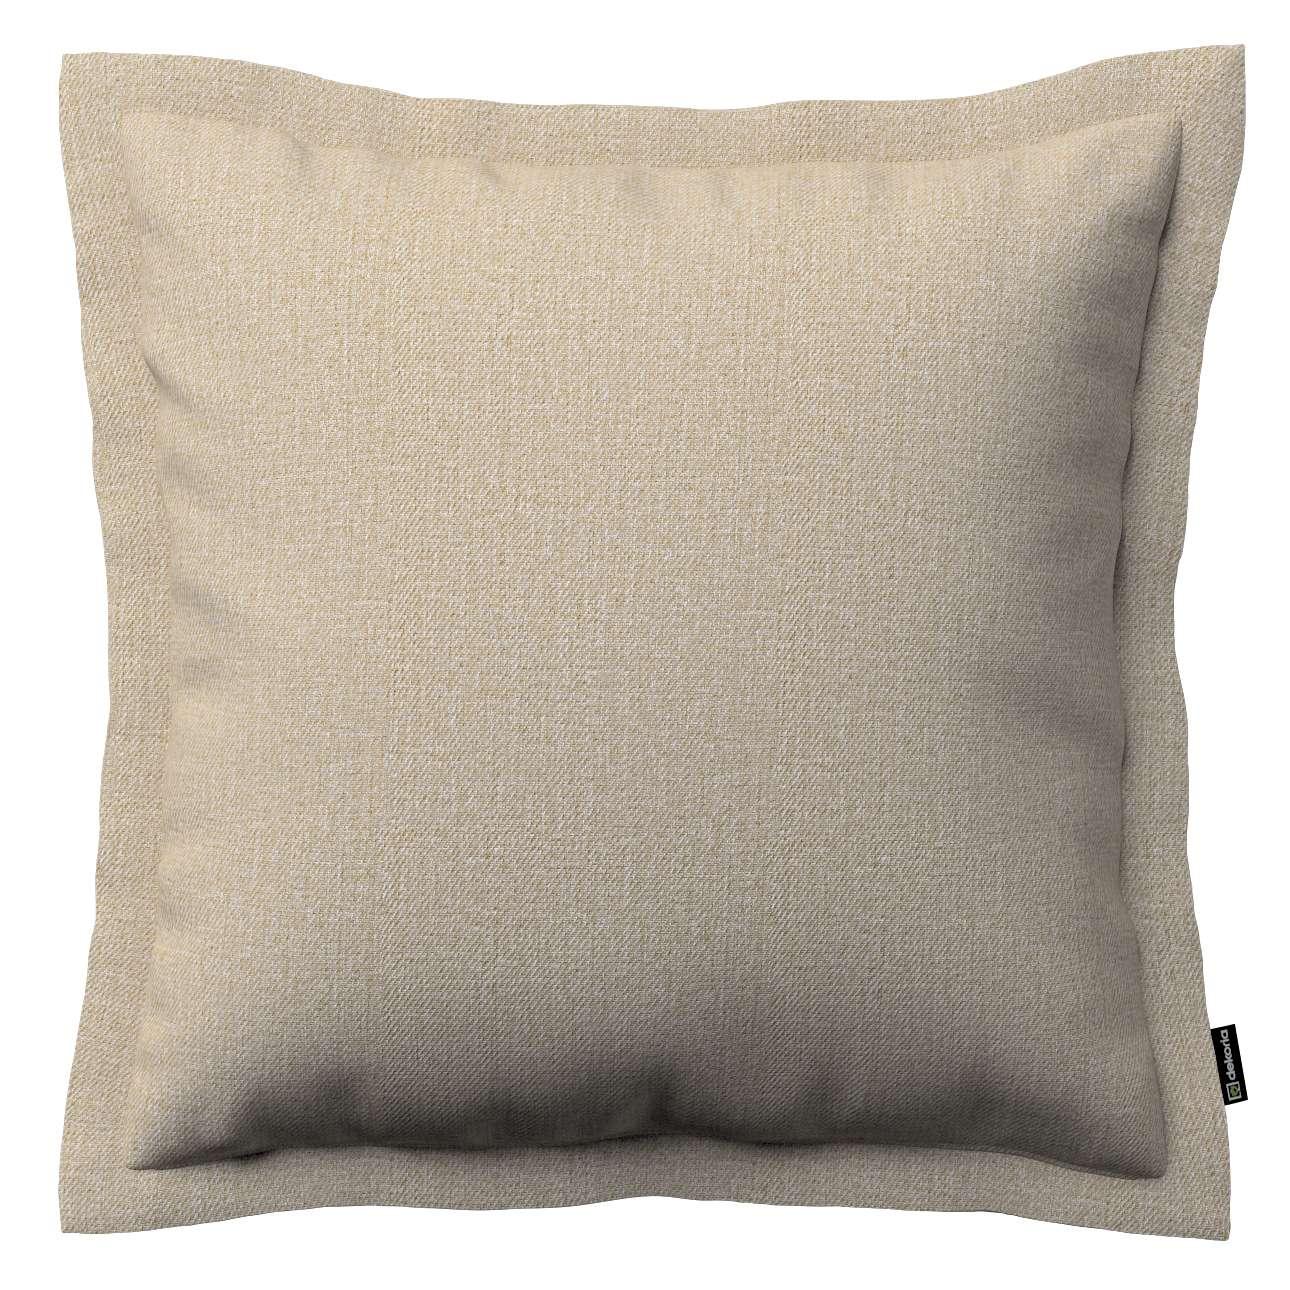 Poszewka Mona na poduszkę 45x45 cm w kolekcji Edinburgh, tkanina: 115-78